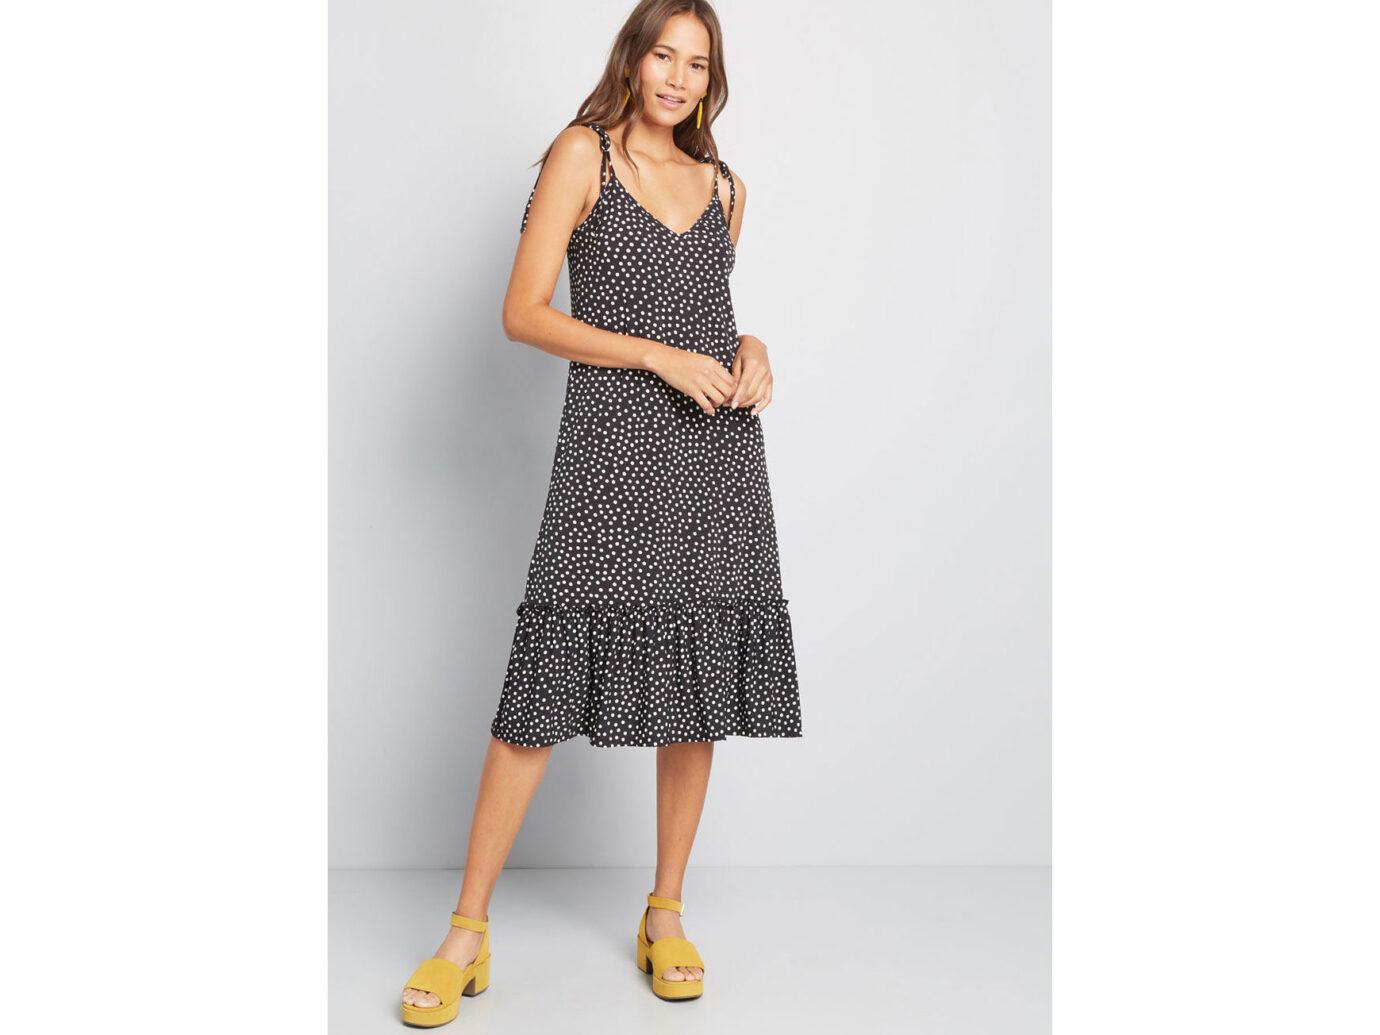 Modcloth's It's a Go Tie Shoulder Dress